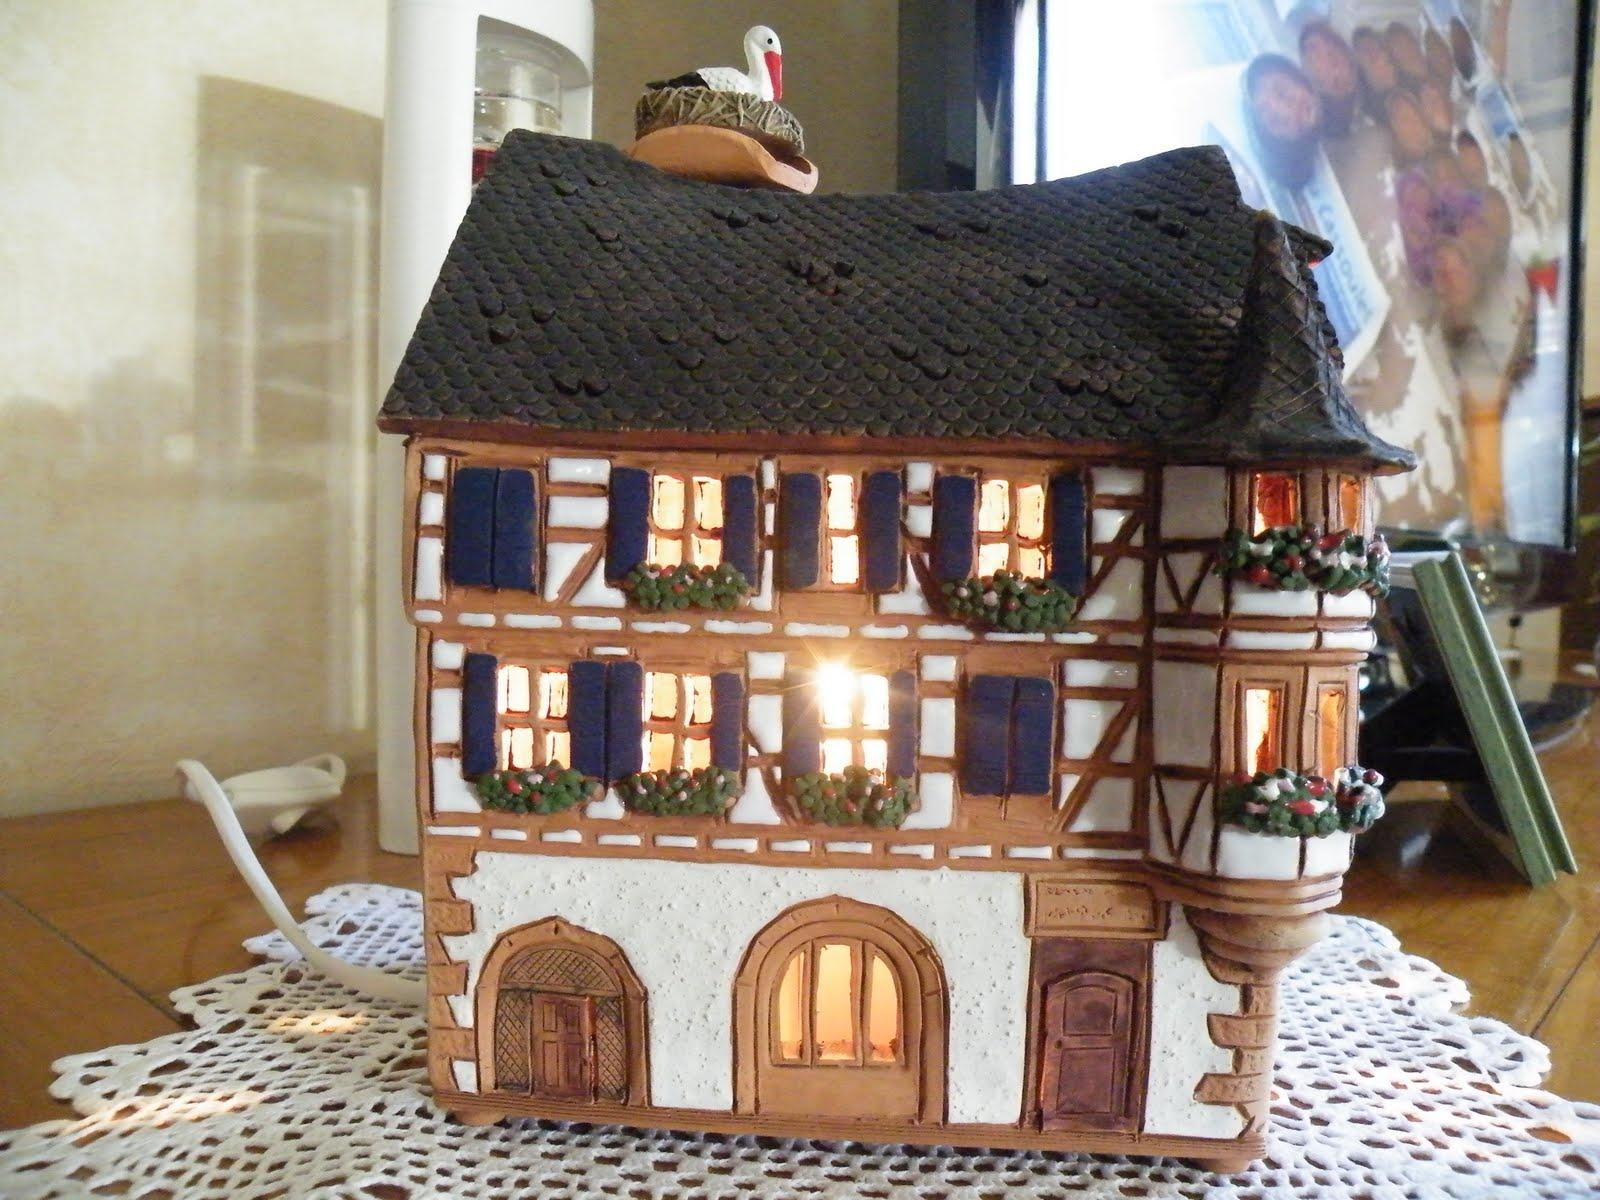 Interieur maison alsacienne maison moderne - Maison a colombage alsacienne ...